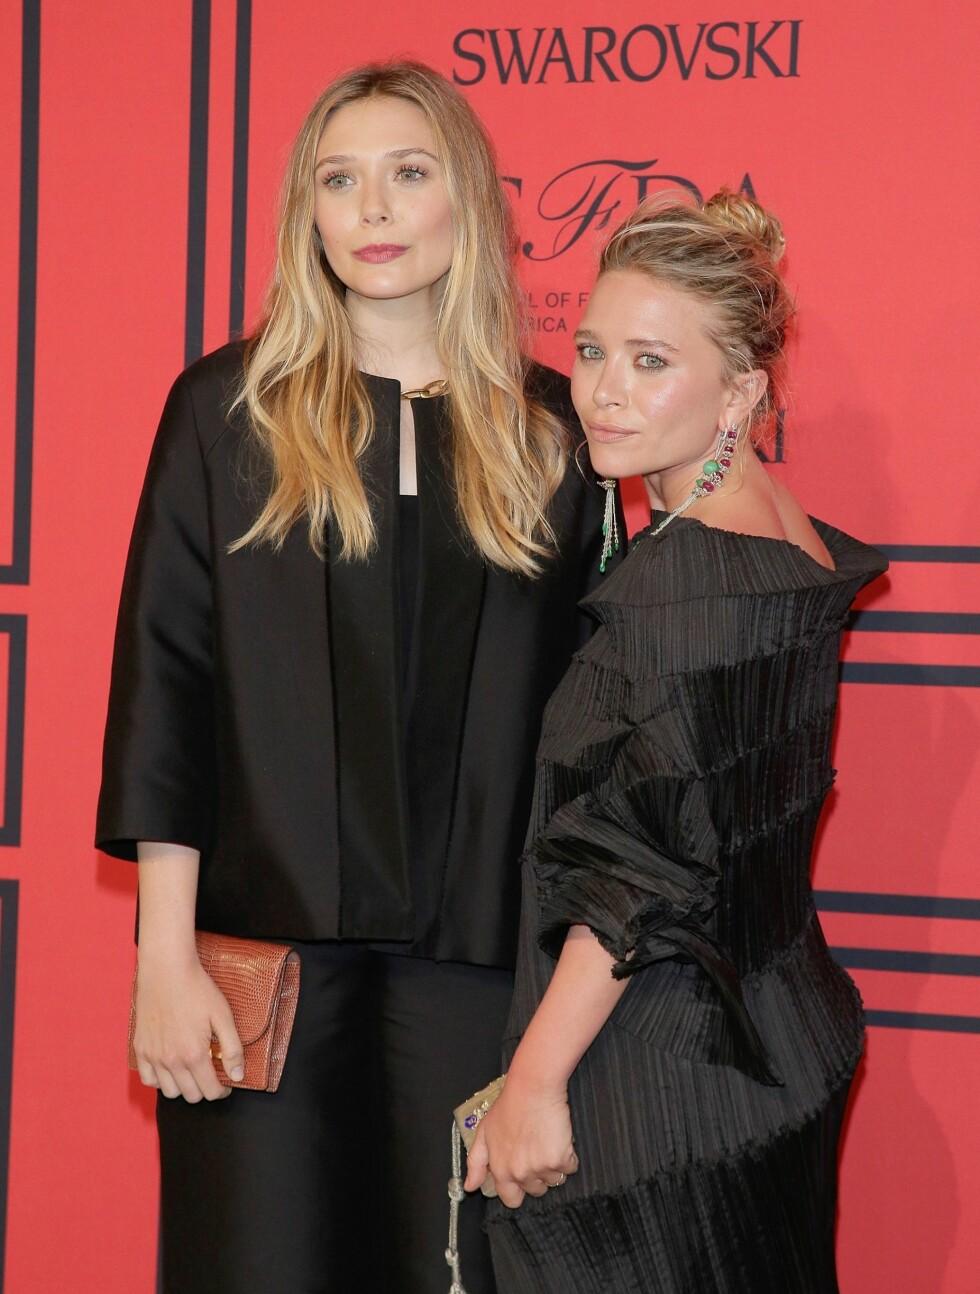 SØSKENKJÆRLIGHET: Elizabeth og Mary Kate Olsen kom sammen til utdelingen. Foto: All Over Press